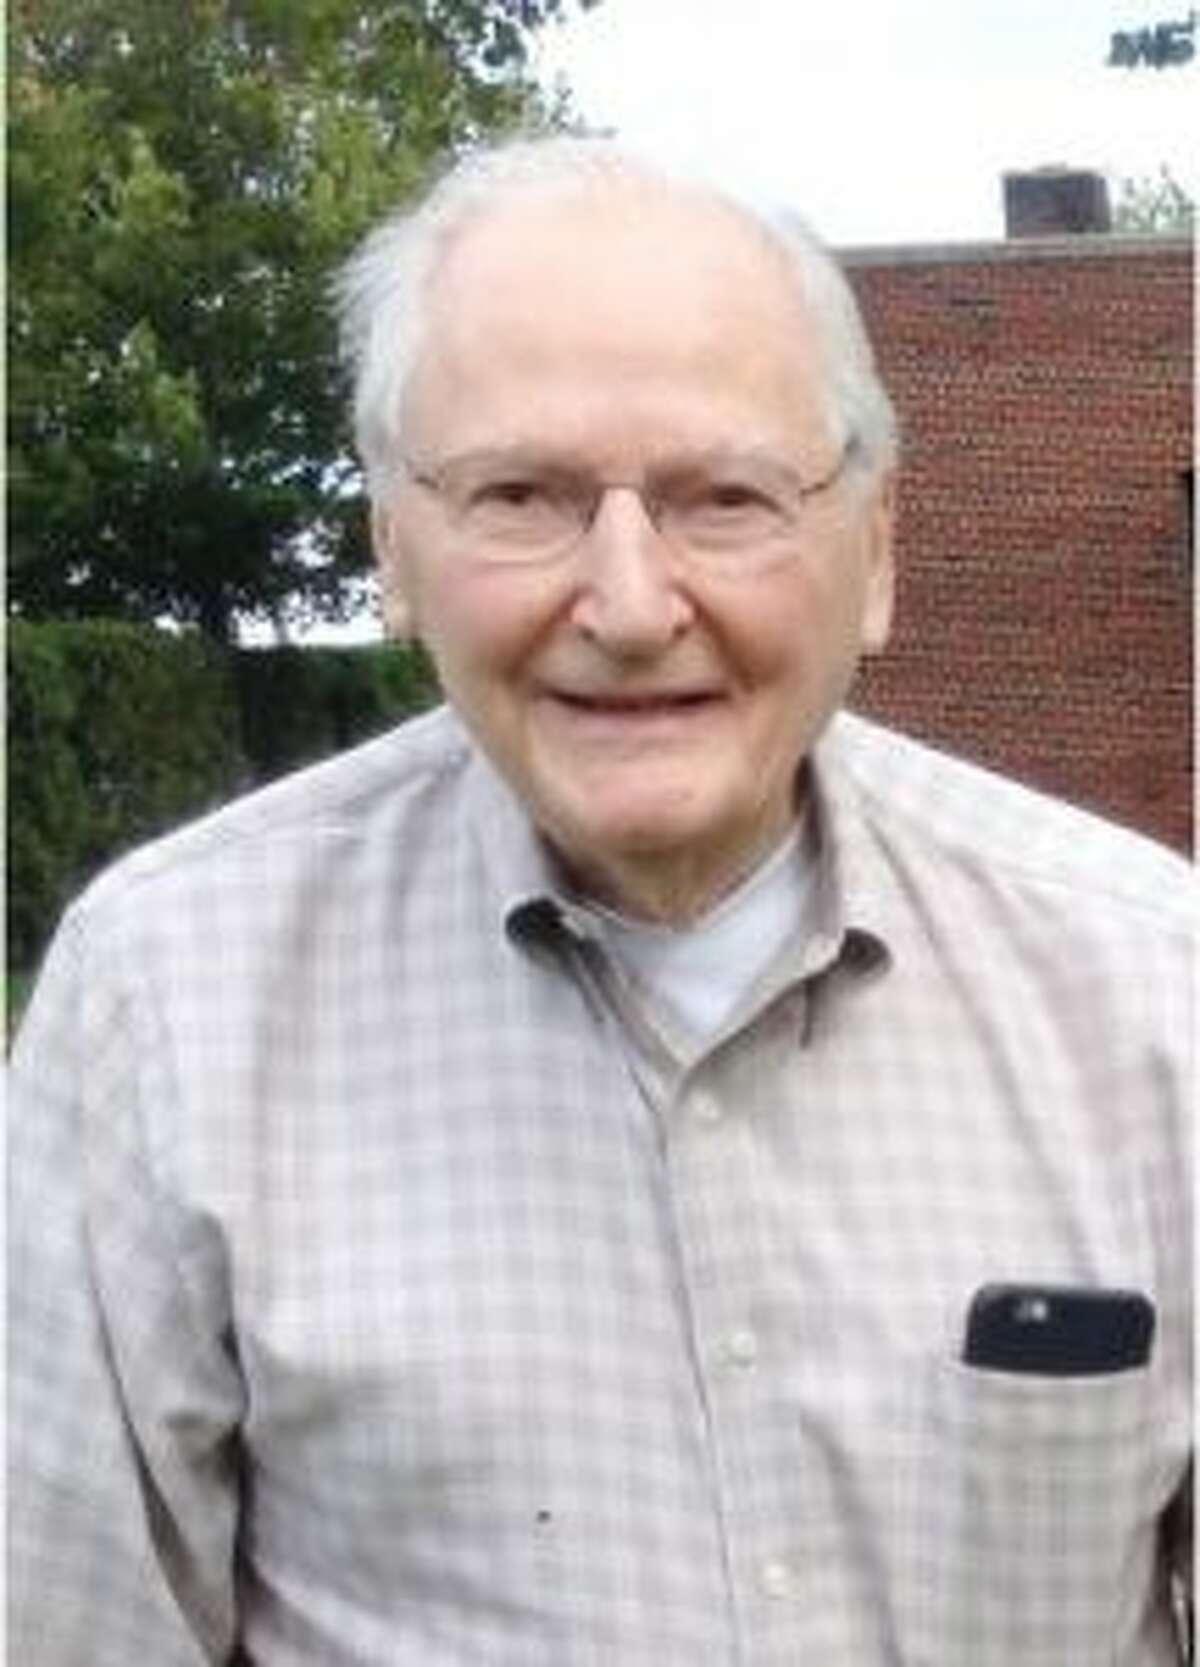 Stephen Antkiw